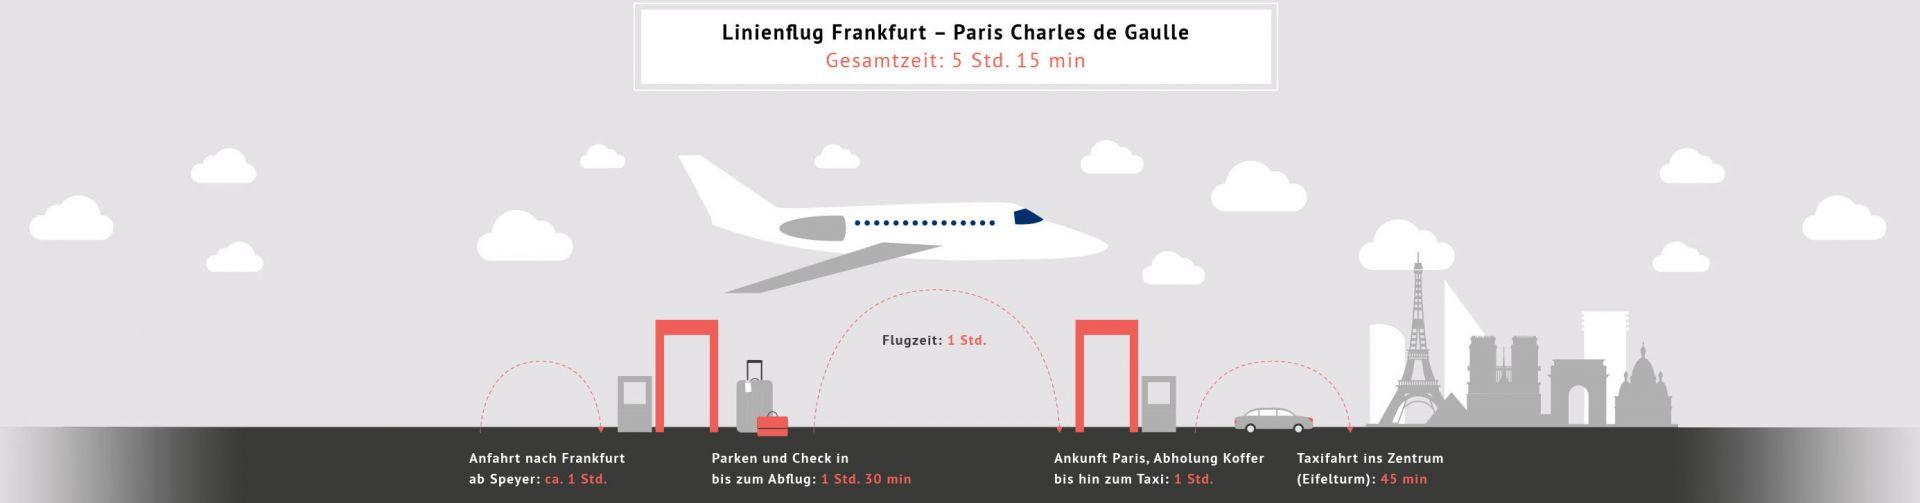 Linienflug_FRA_PAR-